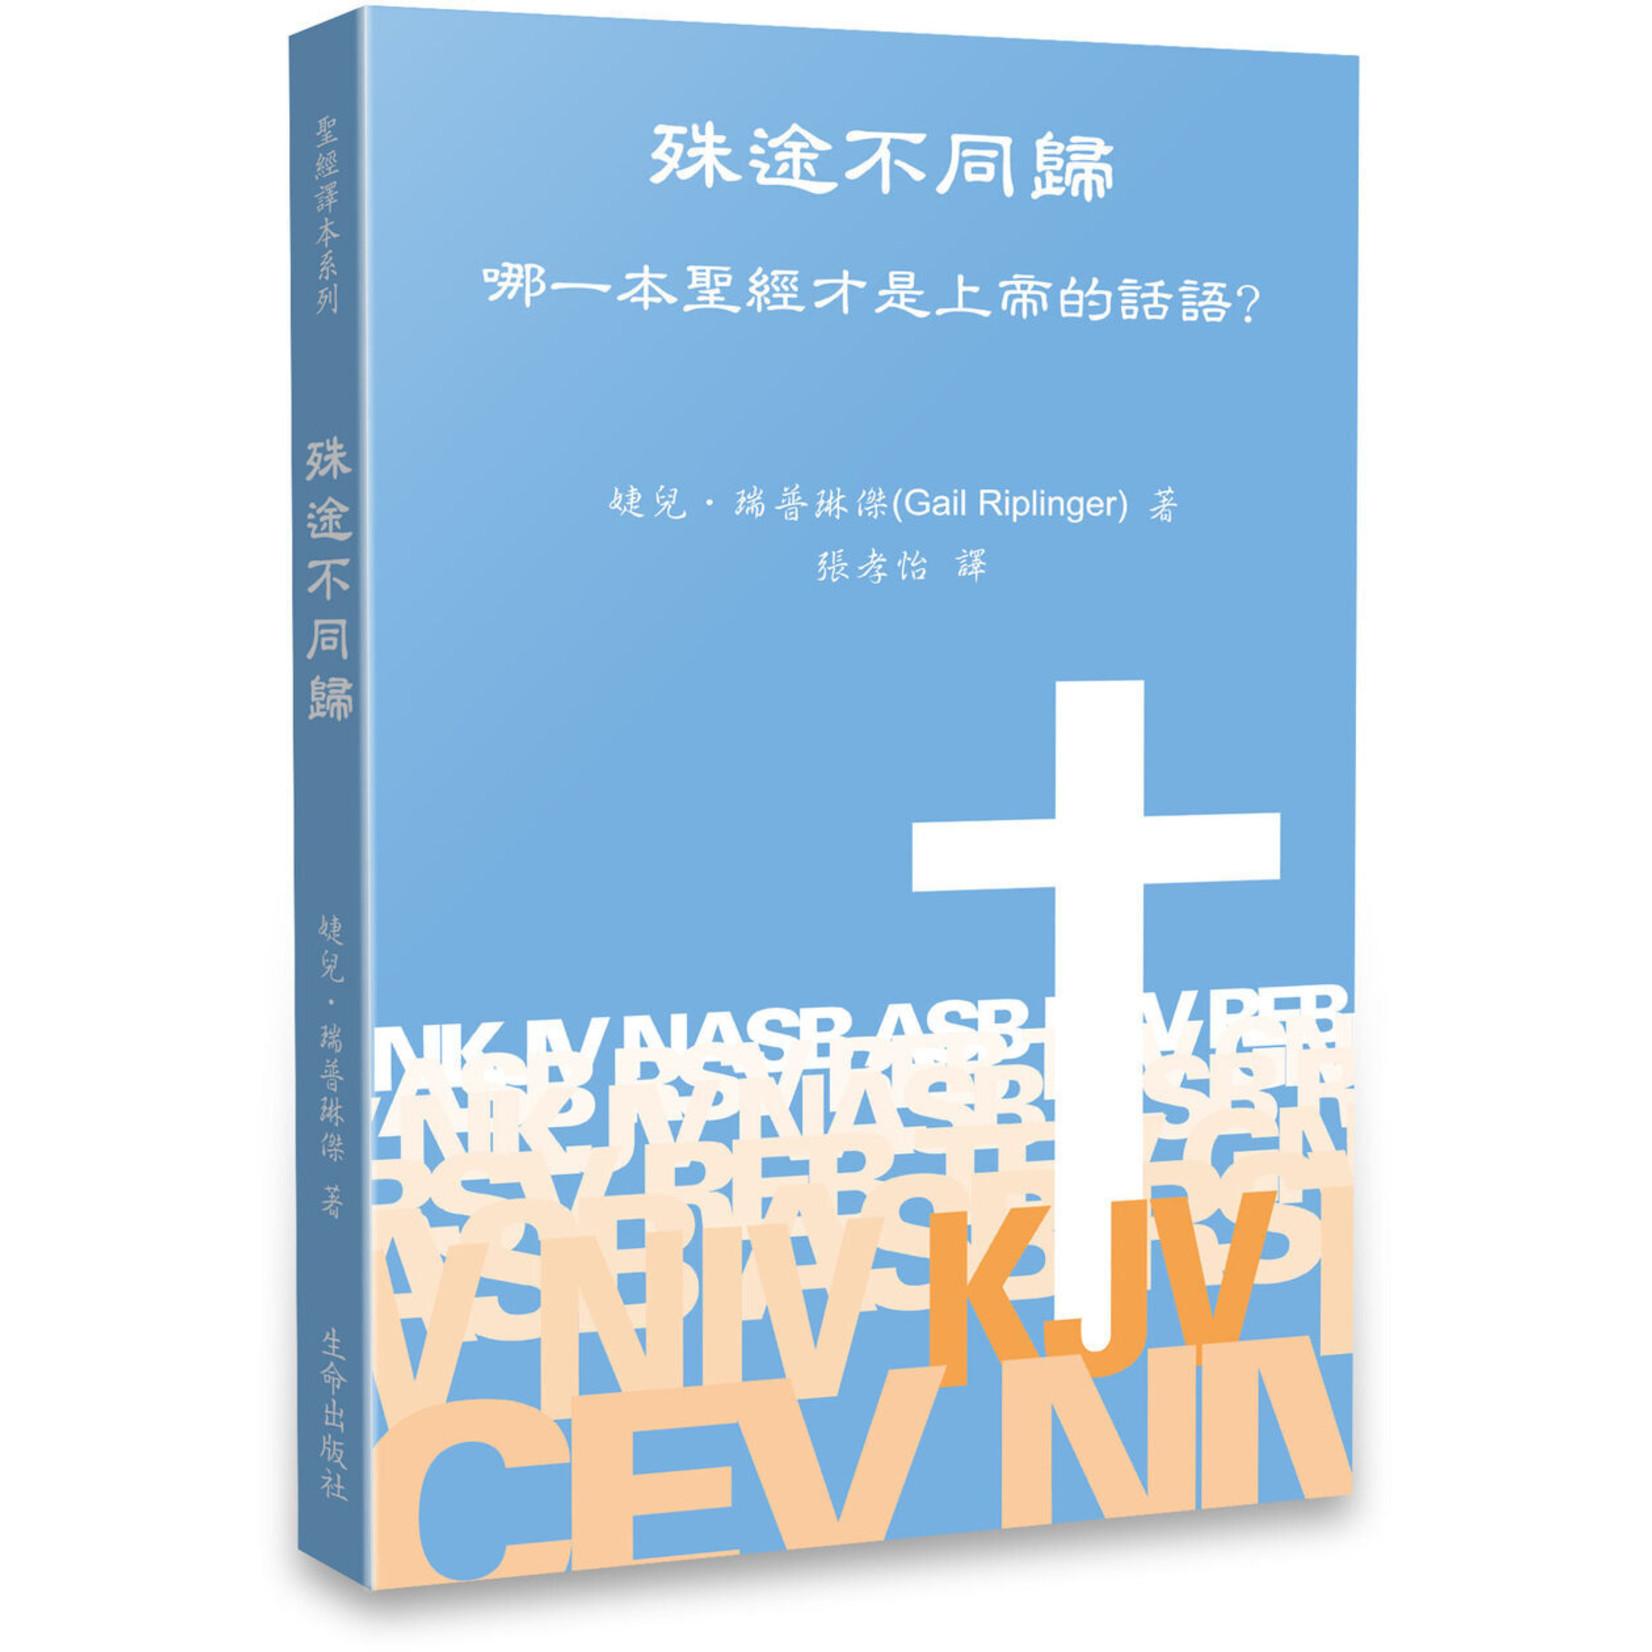 生命出版社 Christian Life Quarterly 殊途不同歸:哪一本聖經才是上帝的話語?